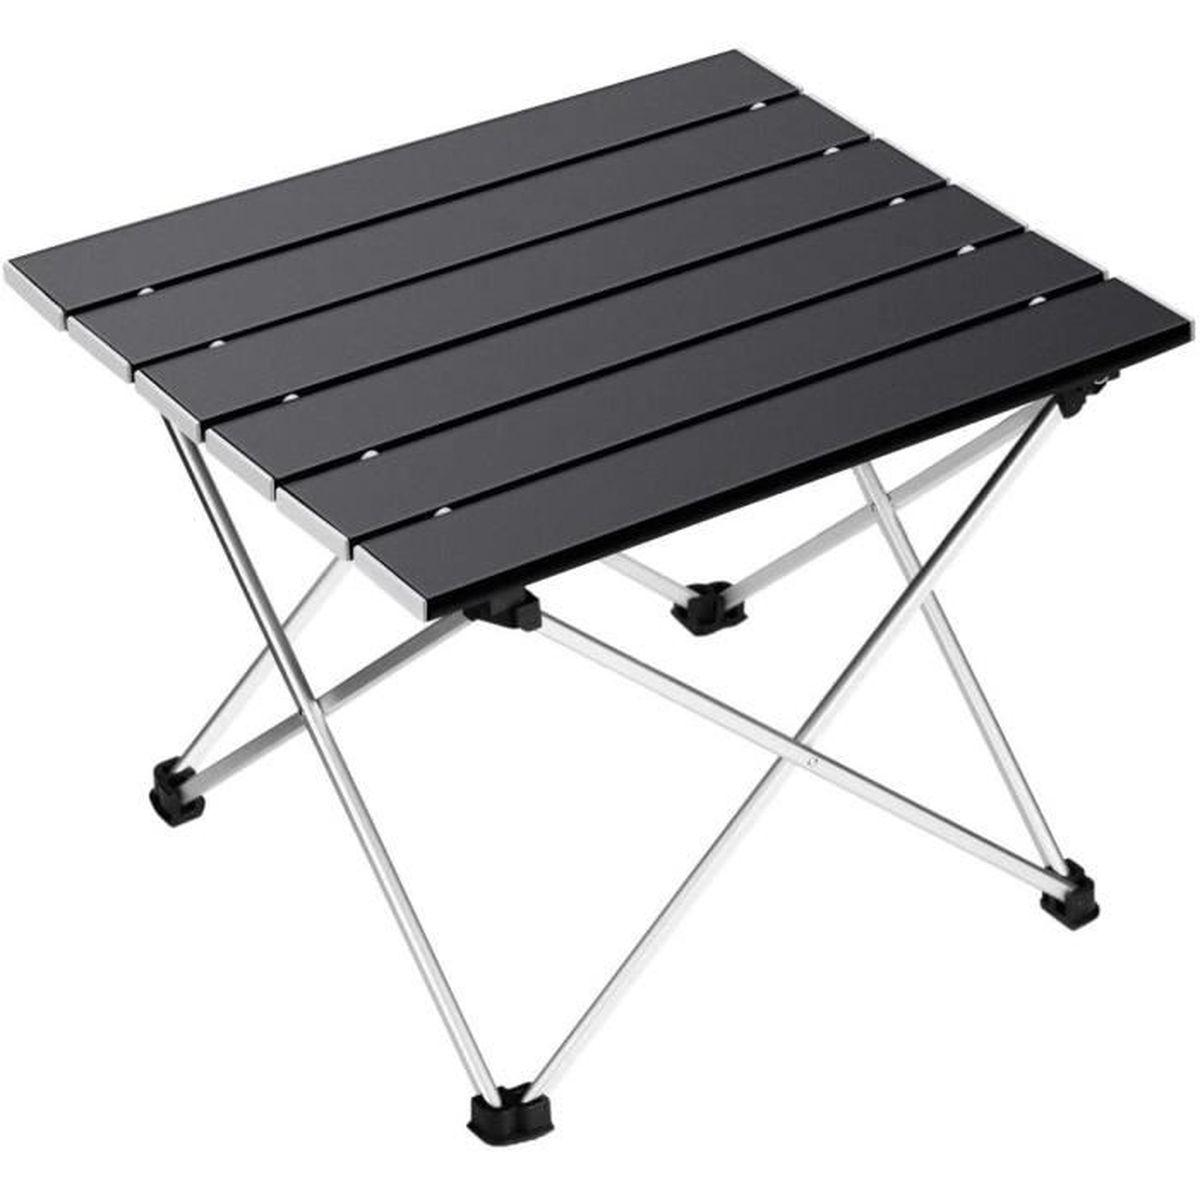 charge maximale 20 kg LWAN3 Table de camping pliante portable ultra l/ég/ère en alliage daluminium pour barbecue table de pique-nique polyvalente avec sac de transport